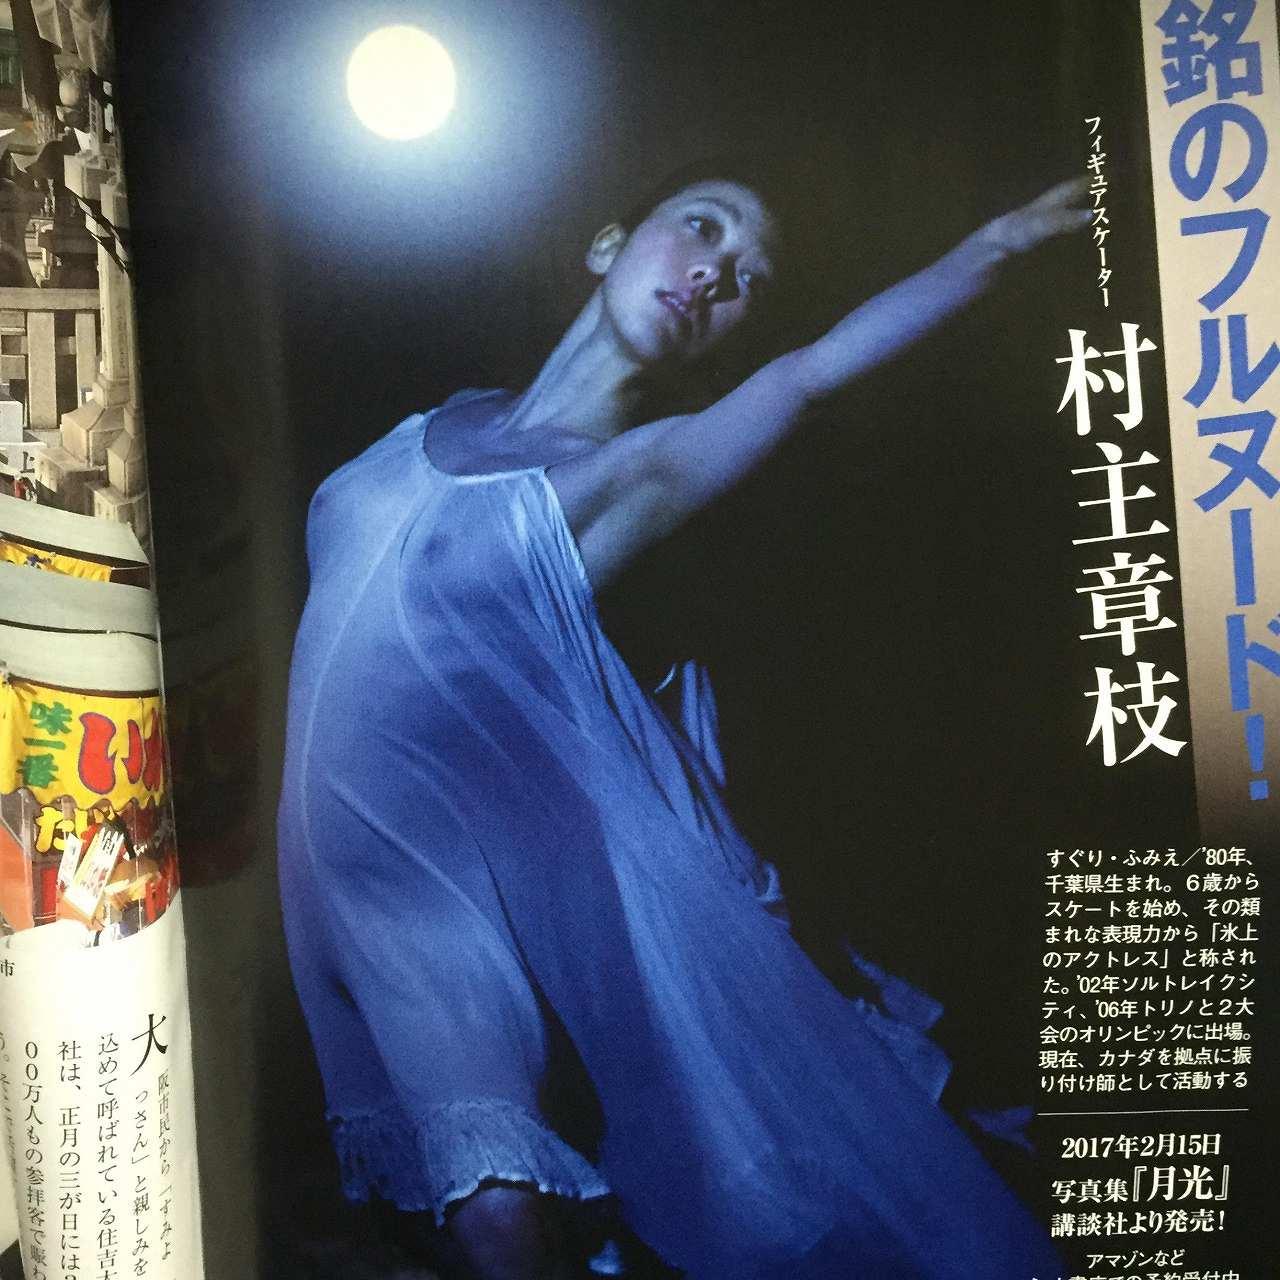 「週刊現代 2016年」村主章枝の袋とじ乳首丸出しヌード